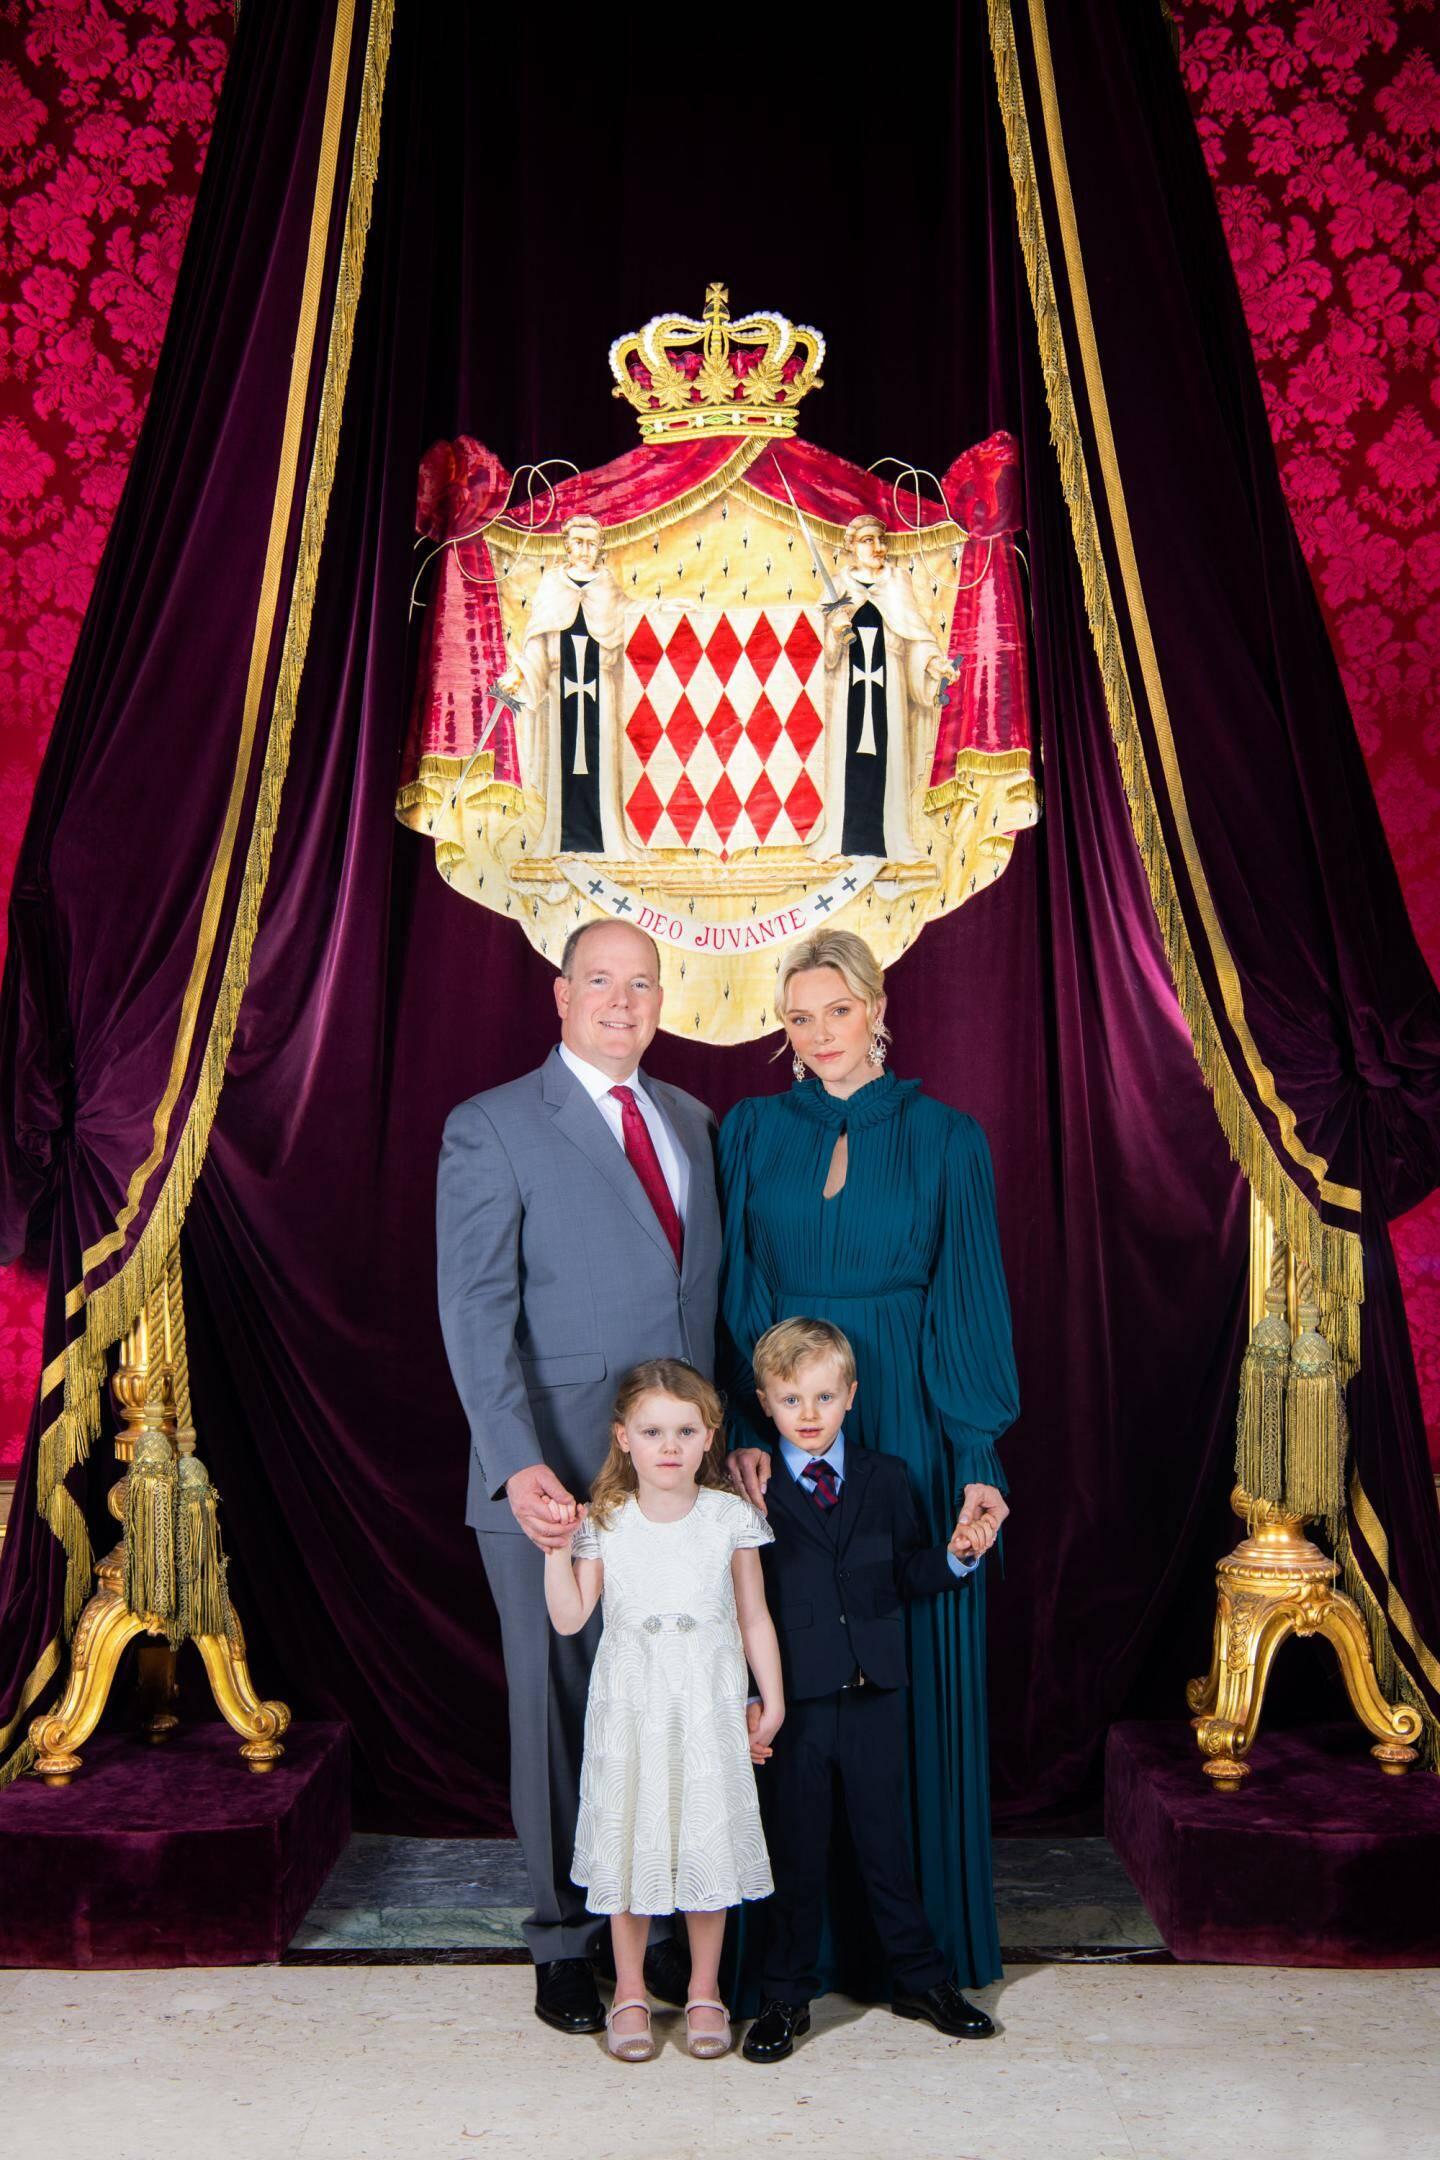 1er décembre.La nouvelle photographie officielle de la famille princière est dévoilée. Pour la première fois, les enfants se tiennent debout devant leurs parents, dans la Salle du Trône.